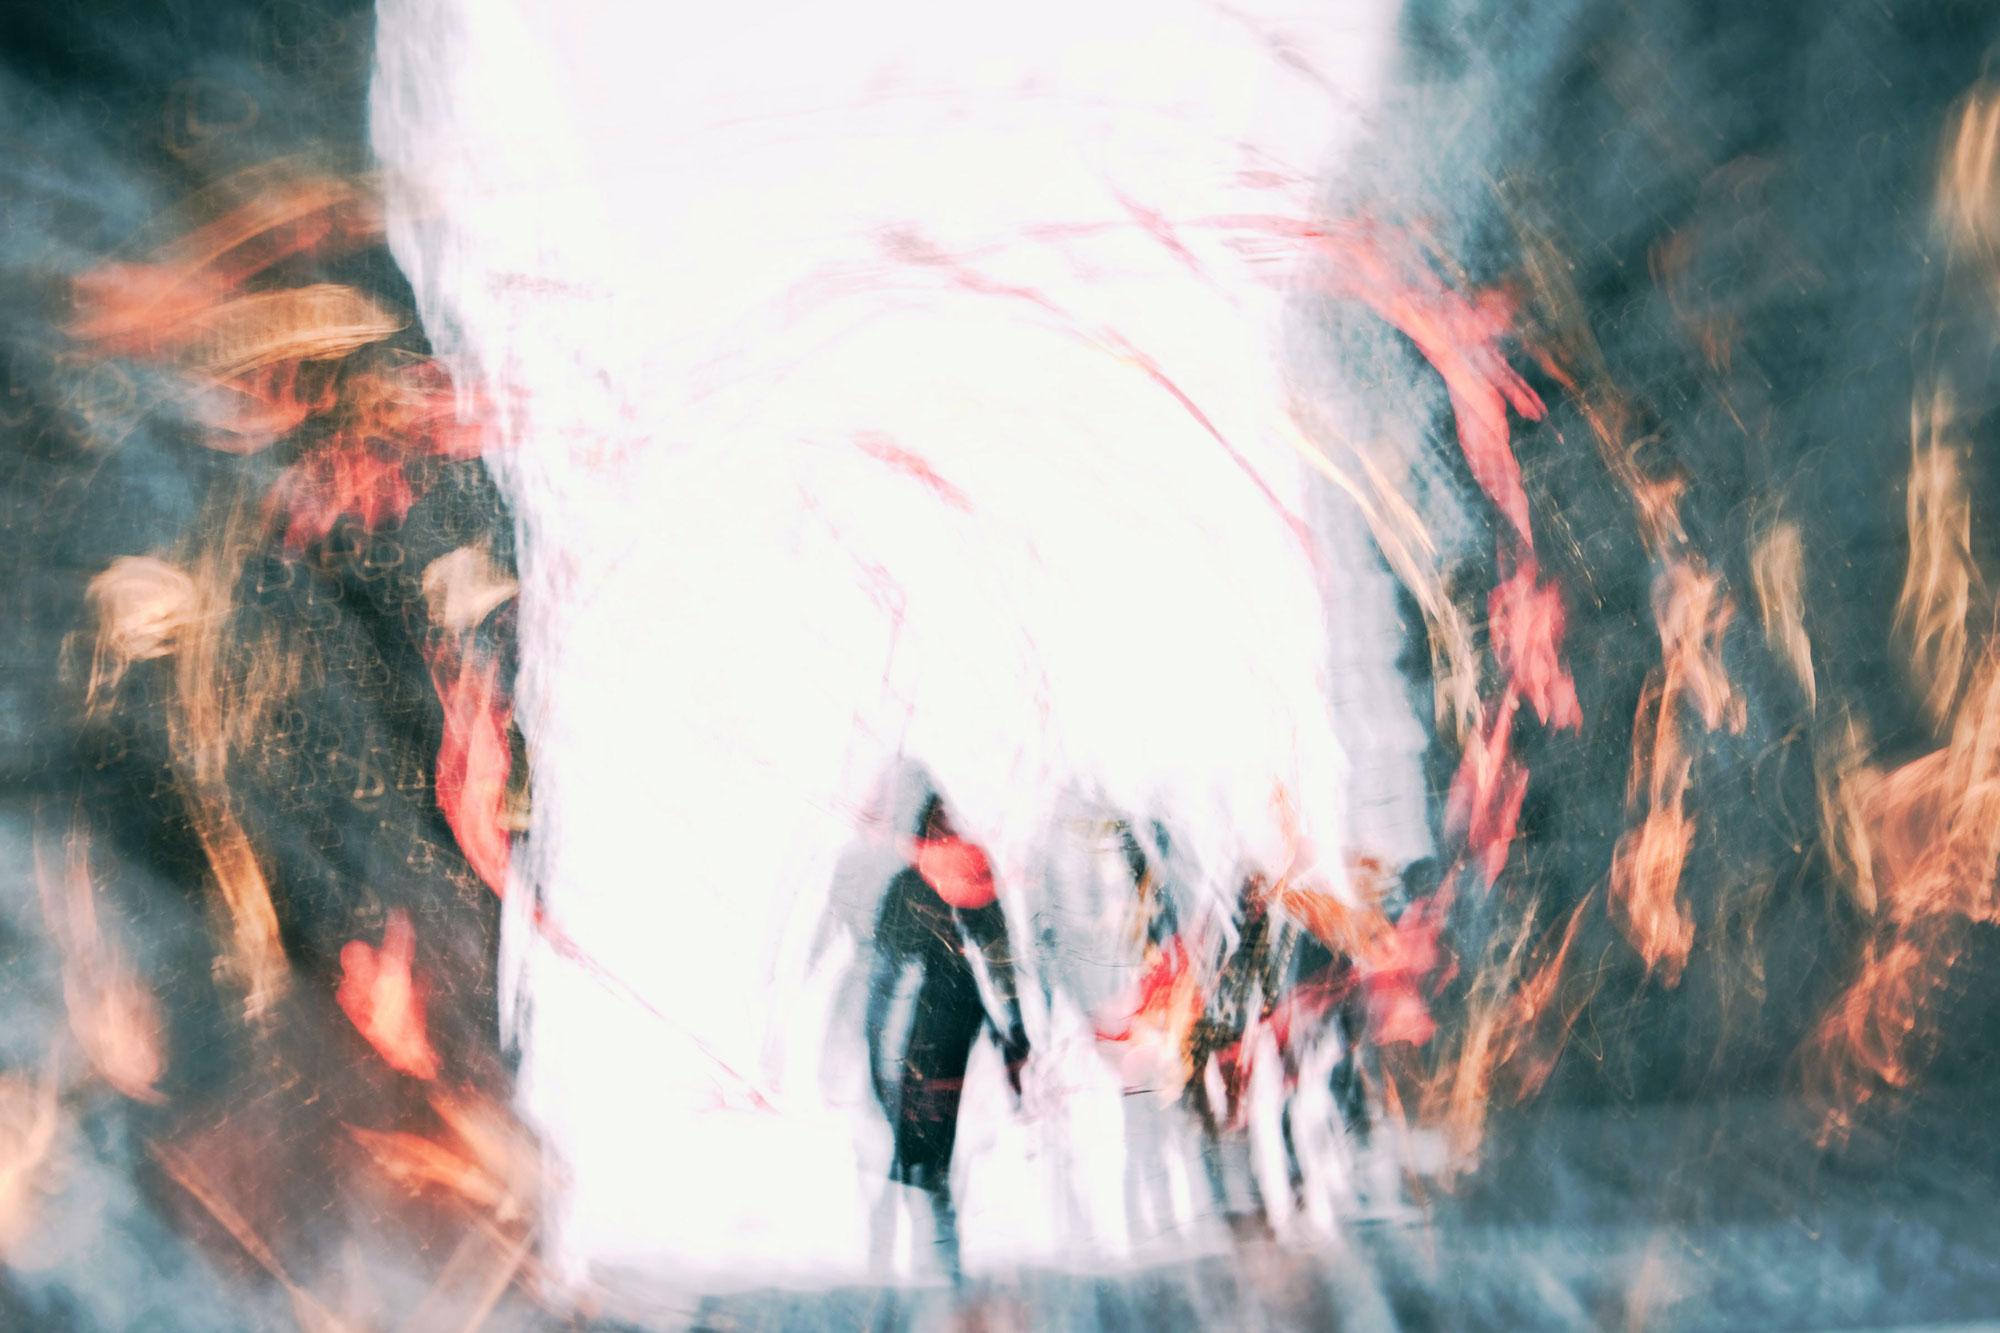 Die Seele spricht in Bildern. Warum es so heilsam ist, sich frei auszudrücken